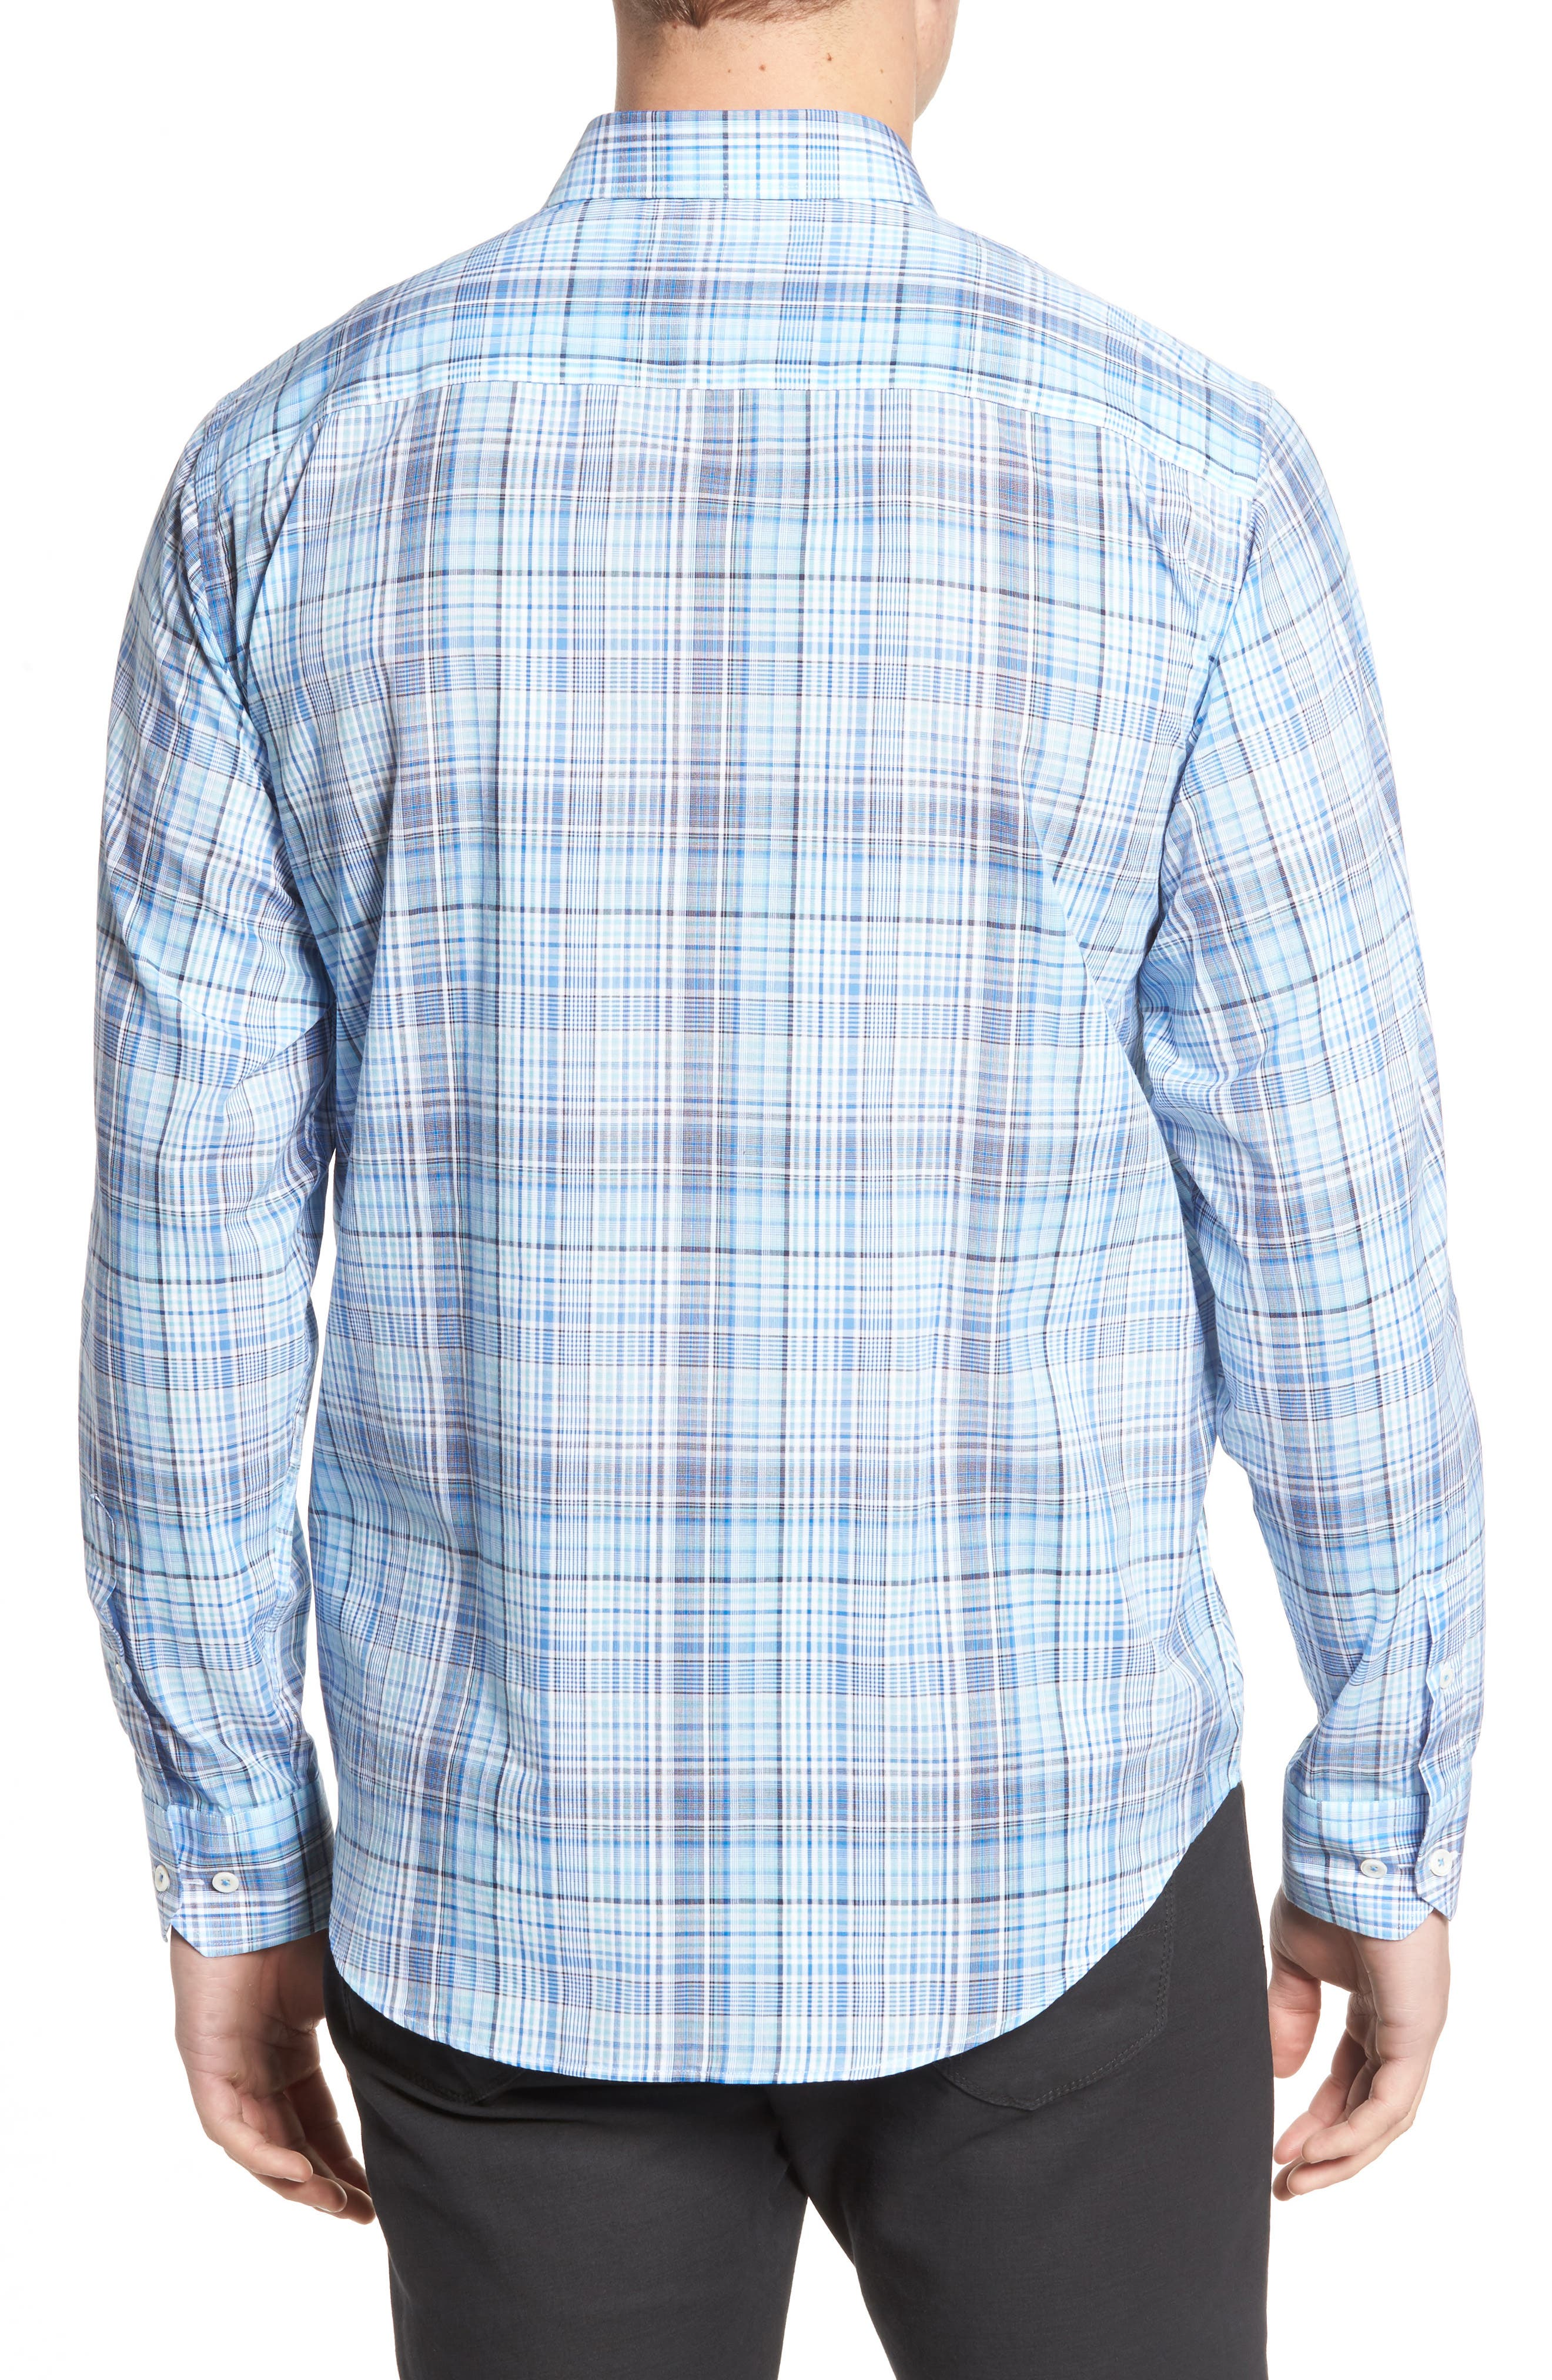 Classic Fit Plaid Sport Shirt,                             Alternate thumbnail 2, color,                             422